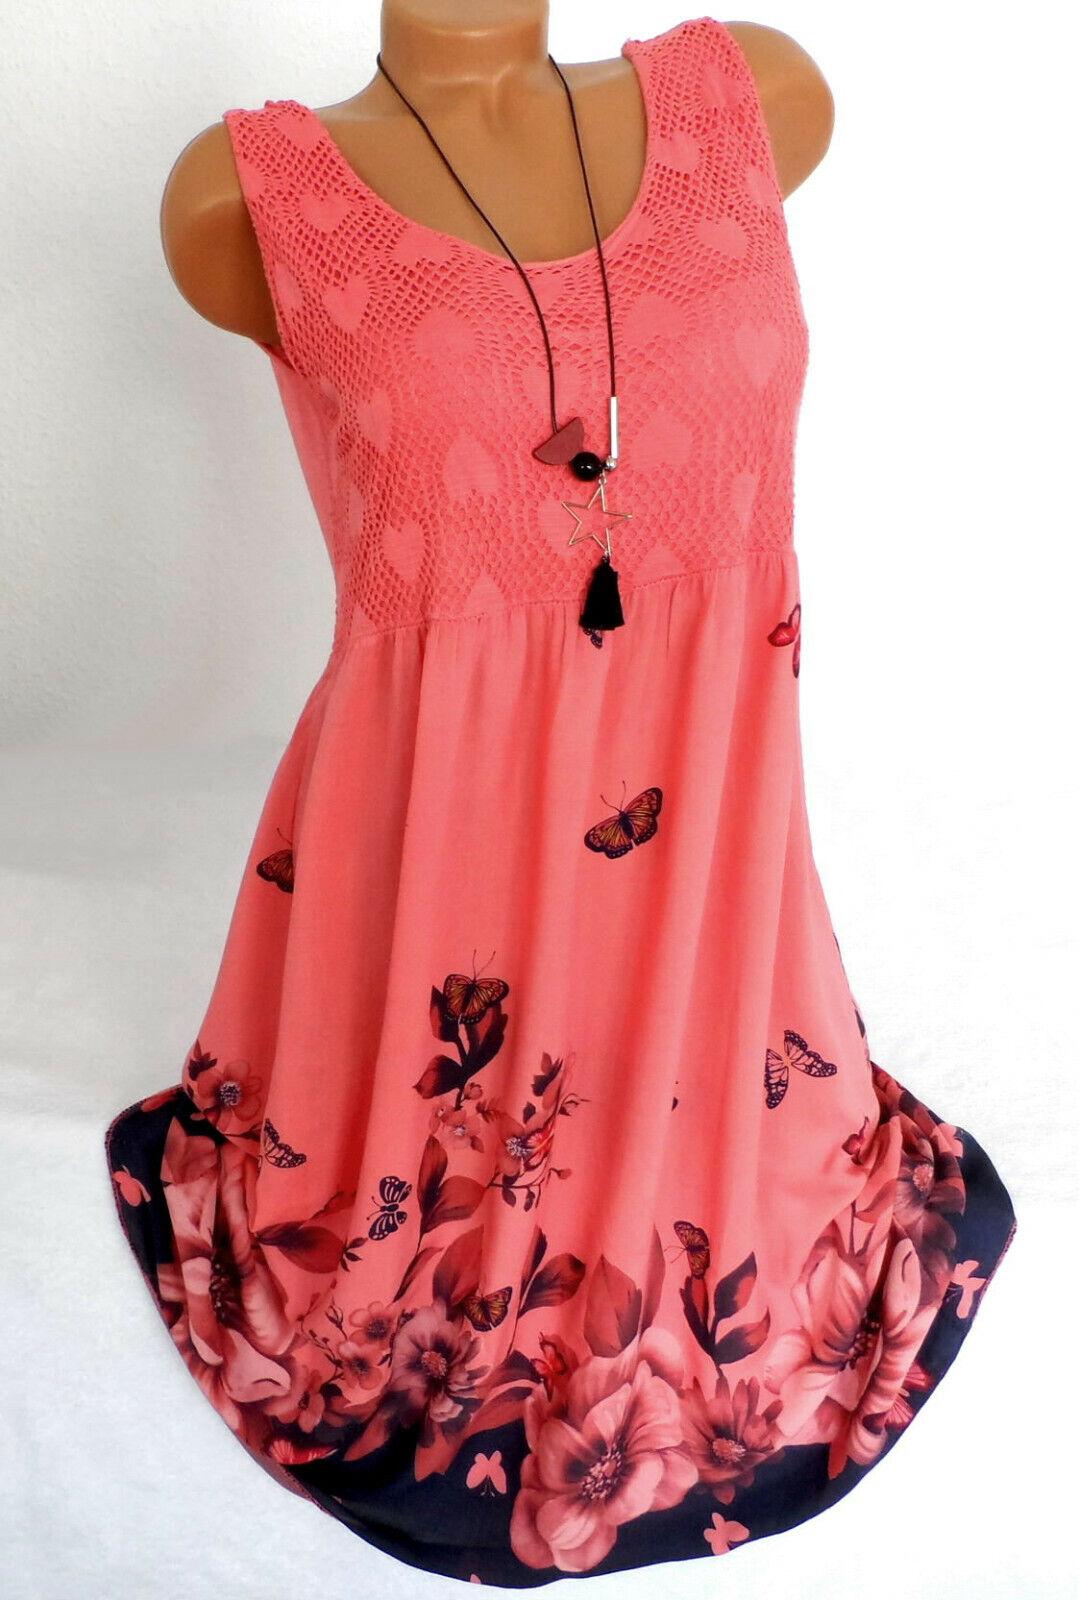 Damenkleid Sommerkleid Häkelspitze Floriert Tunikakleid Knielang Coral 40 42  44